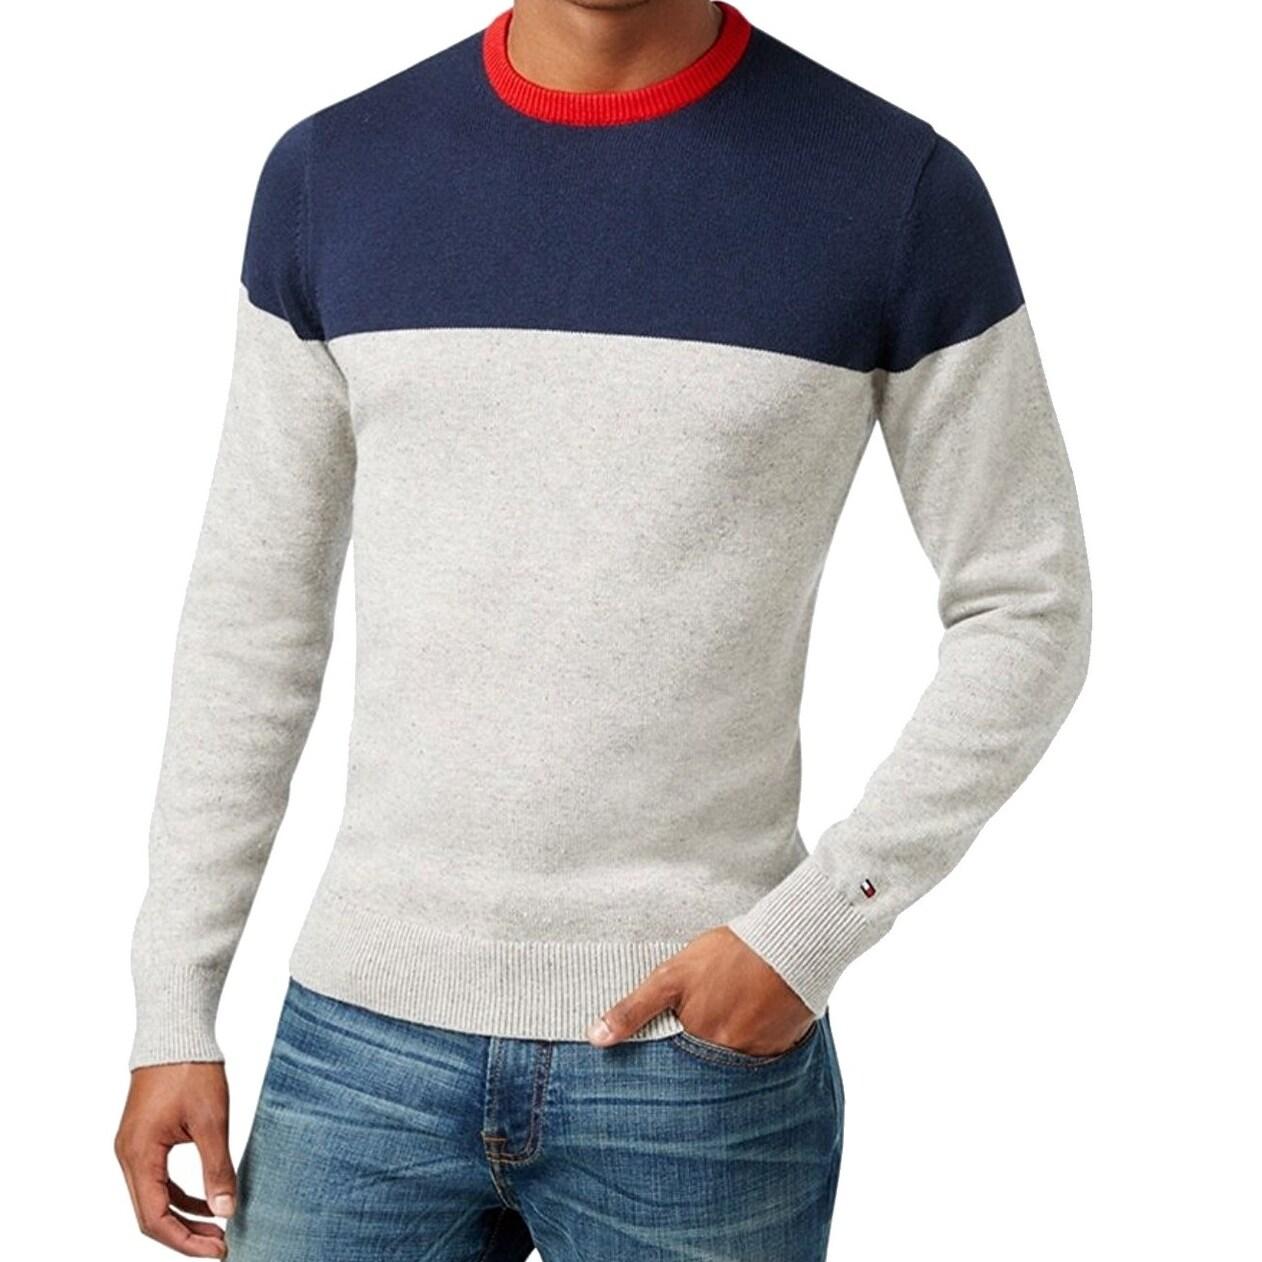 Baumwolle T-Shirt Tommy Hilfiger Damen Langarm T-Shirt Alle Großen